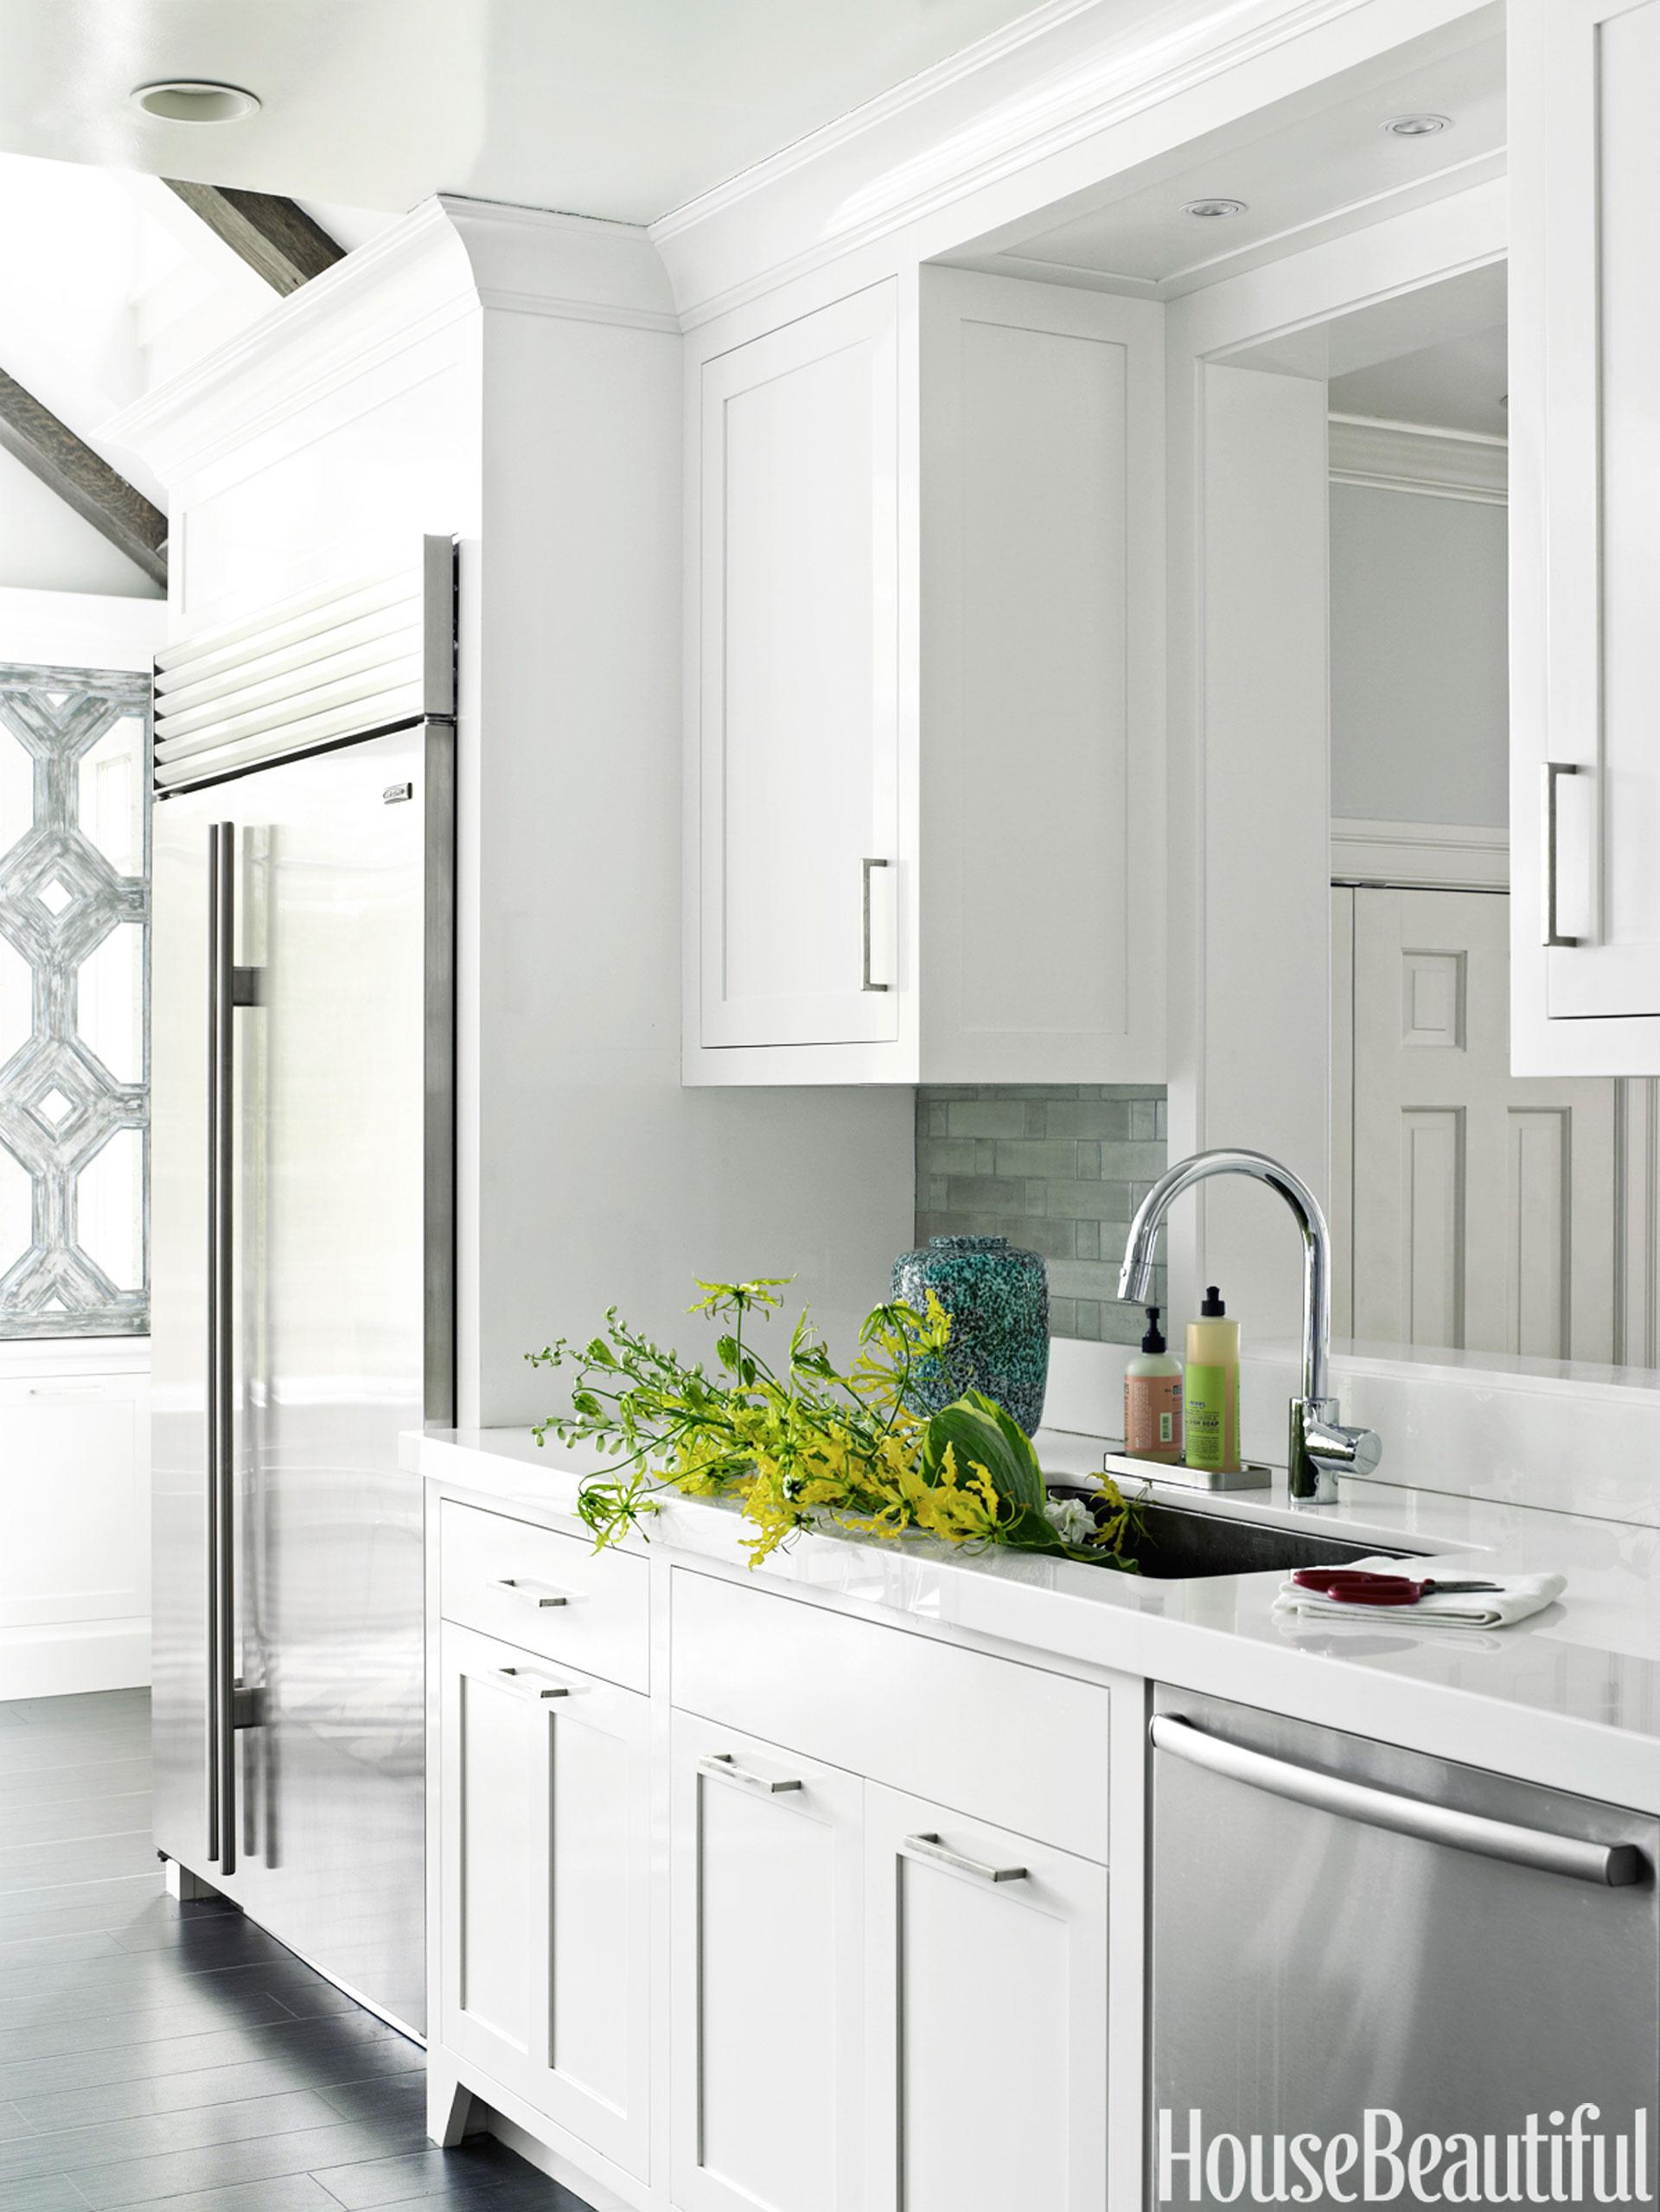 best kitchens of 2013 best kitchen designs 2013 best kitchens of 2013 best kitchen designs 2013